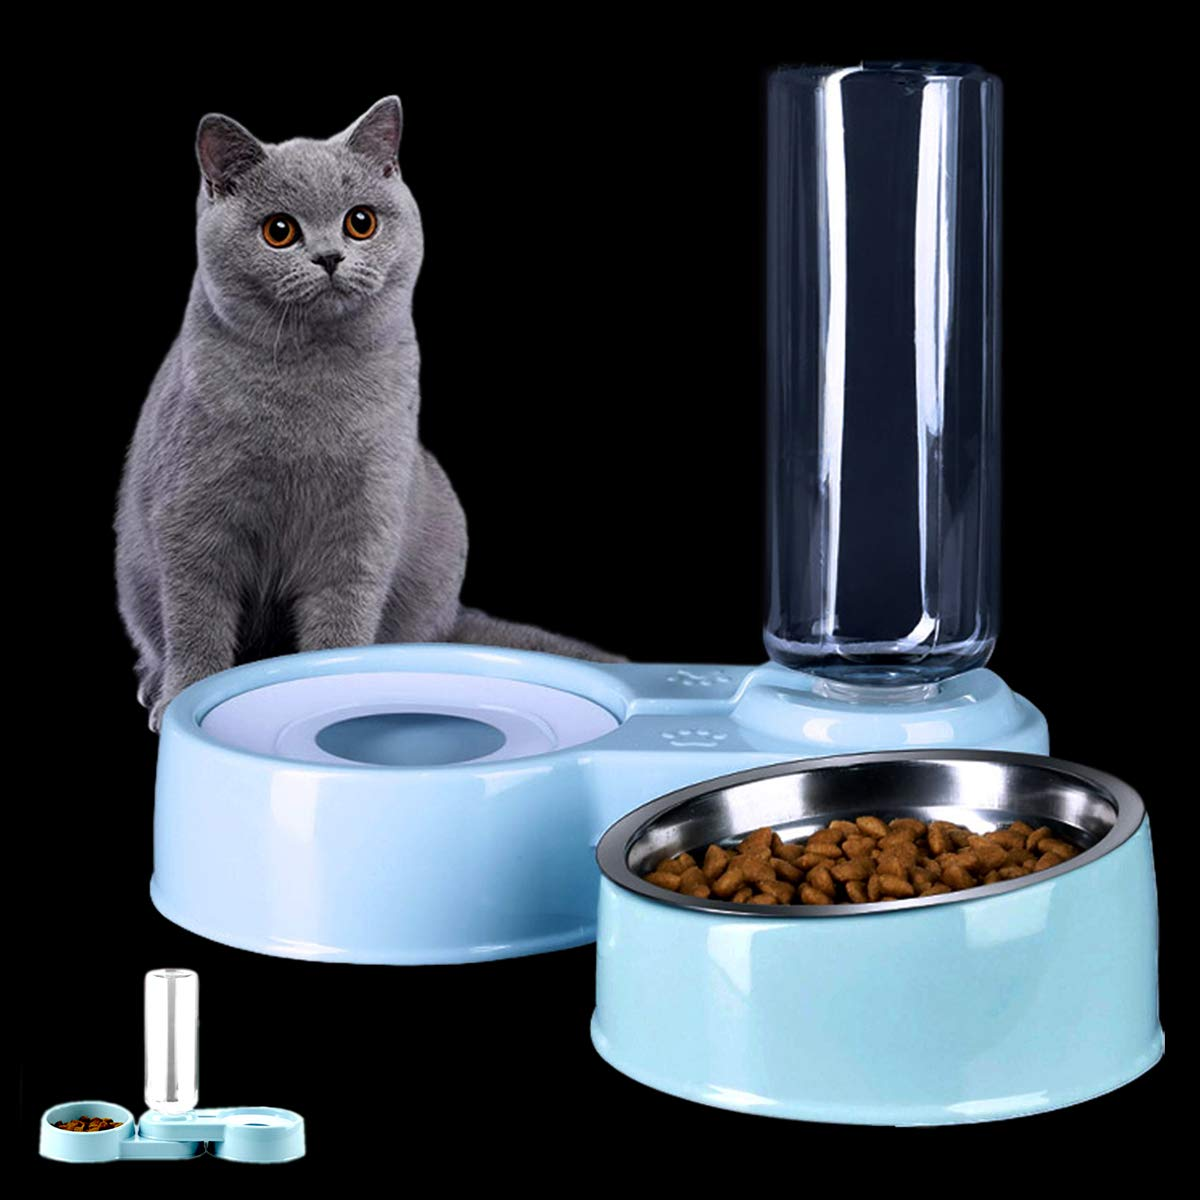 2 in 1 Comedero y Bebedero Automático para Gatos y Perros,Dispensador de Agua Pequeño, Comedero de Perros para Ralentizar la Comida, Gato Comedero De Agua para Mascotas, (Blanco y Azul) (Azul): Amazon.es: